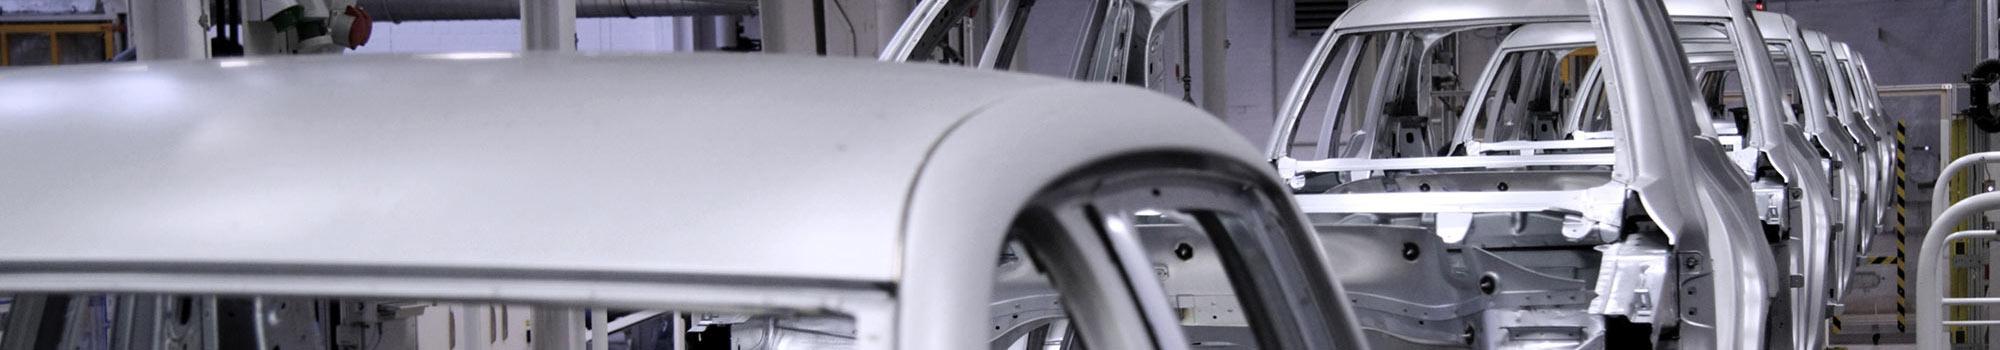 Automobielproductie